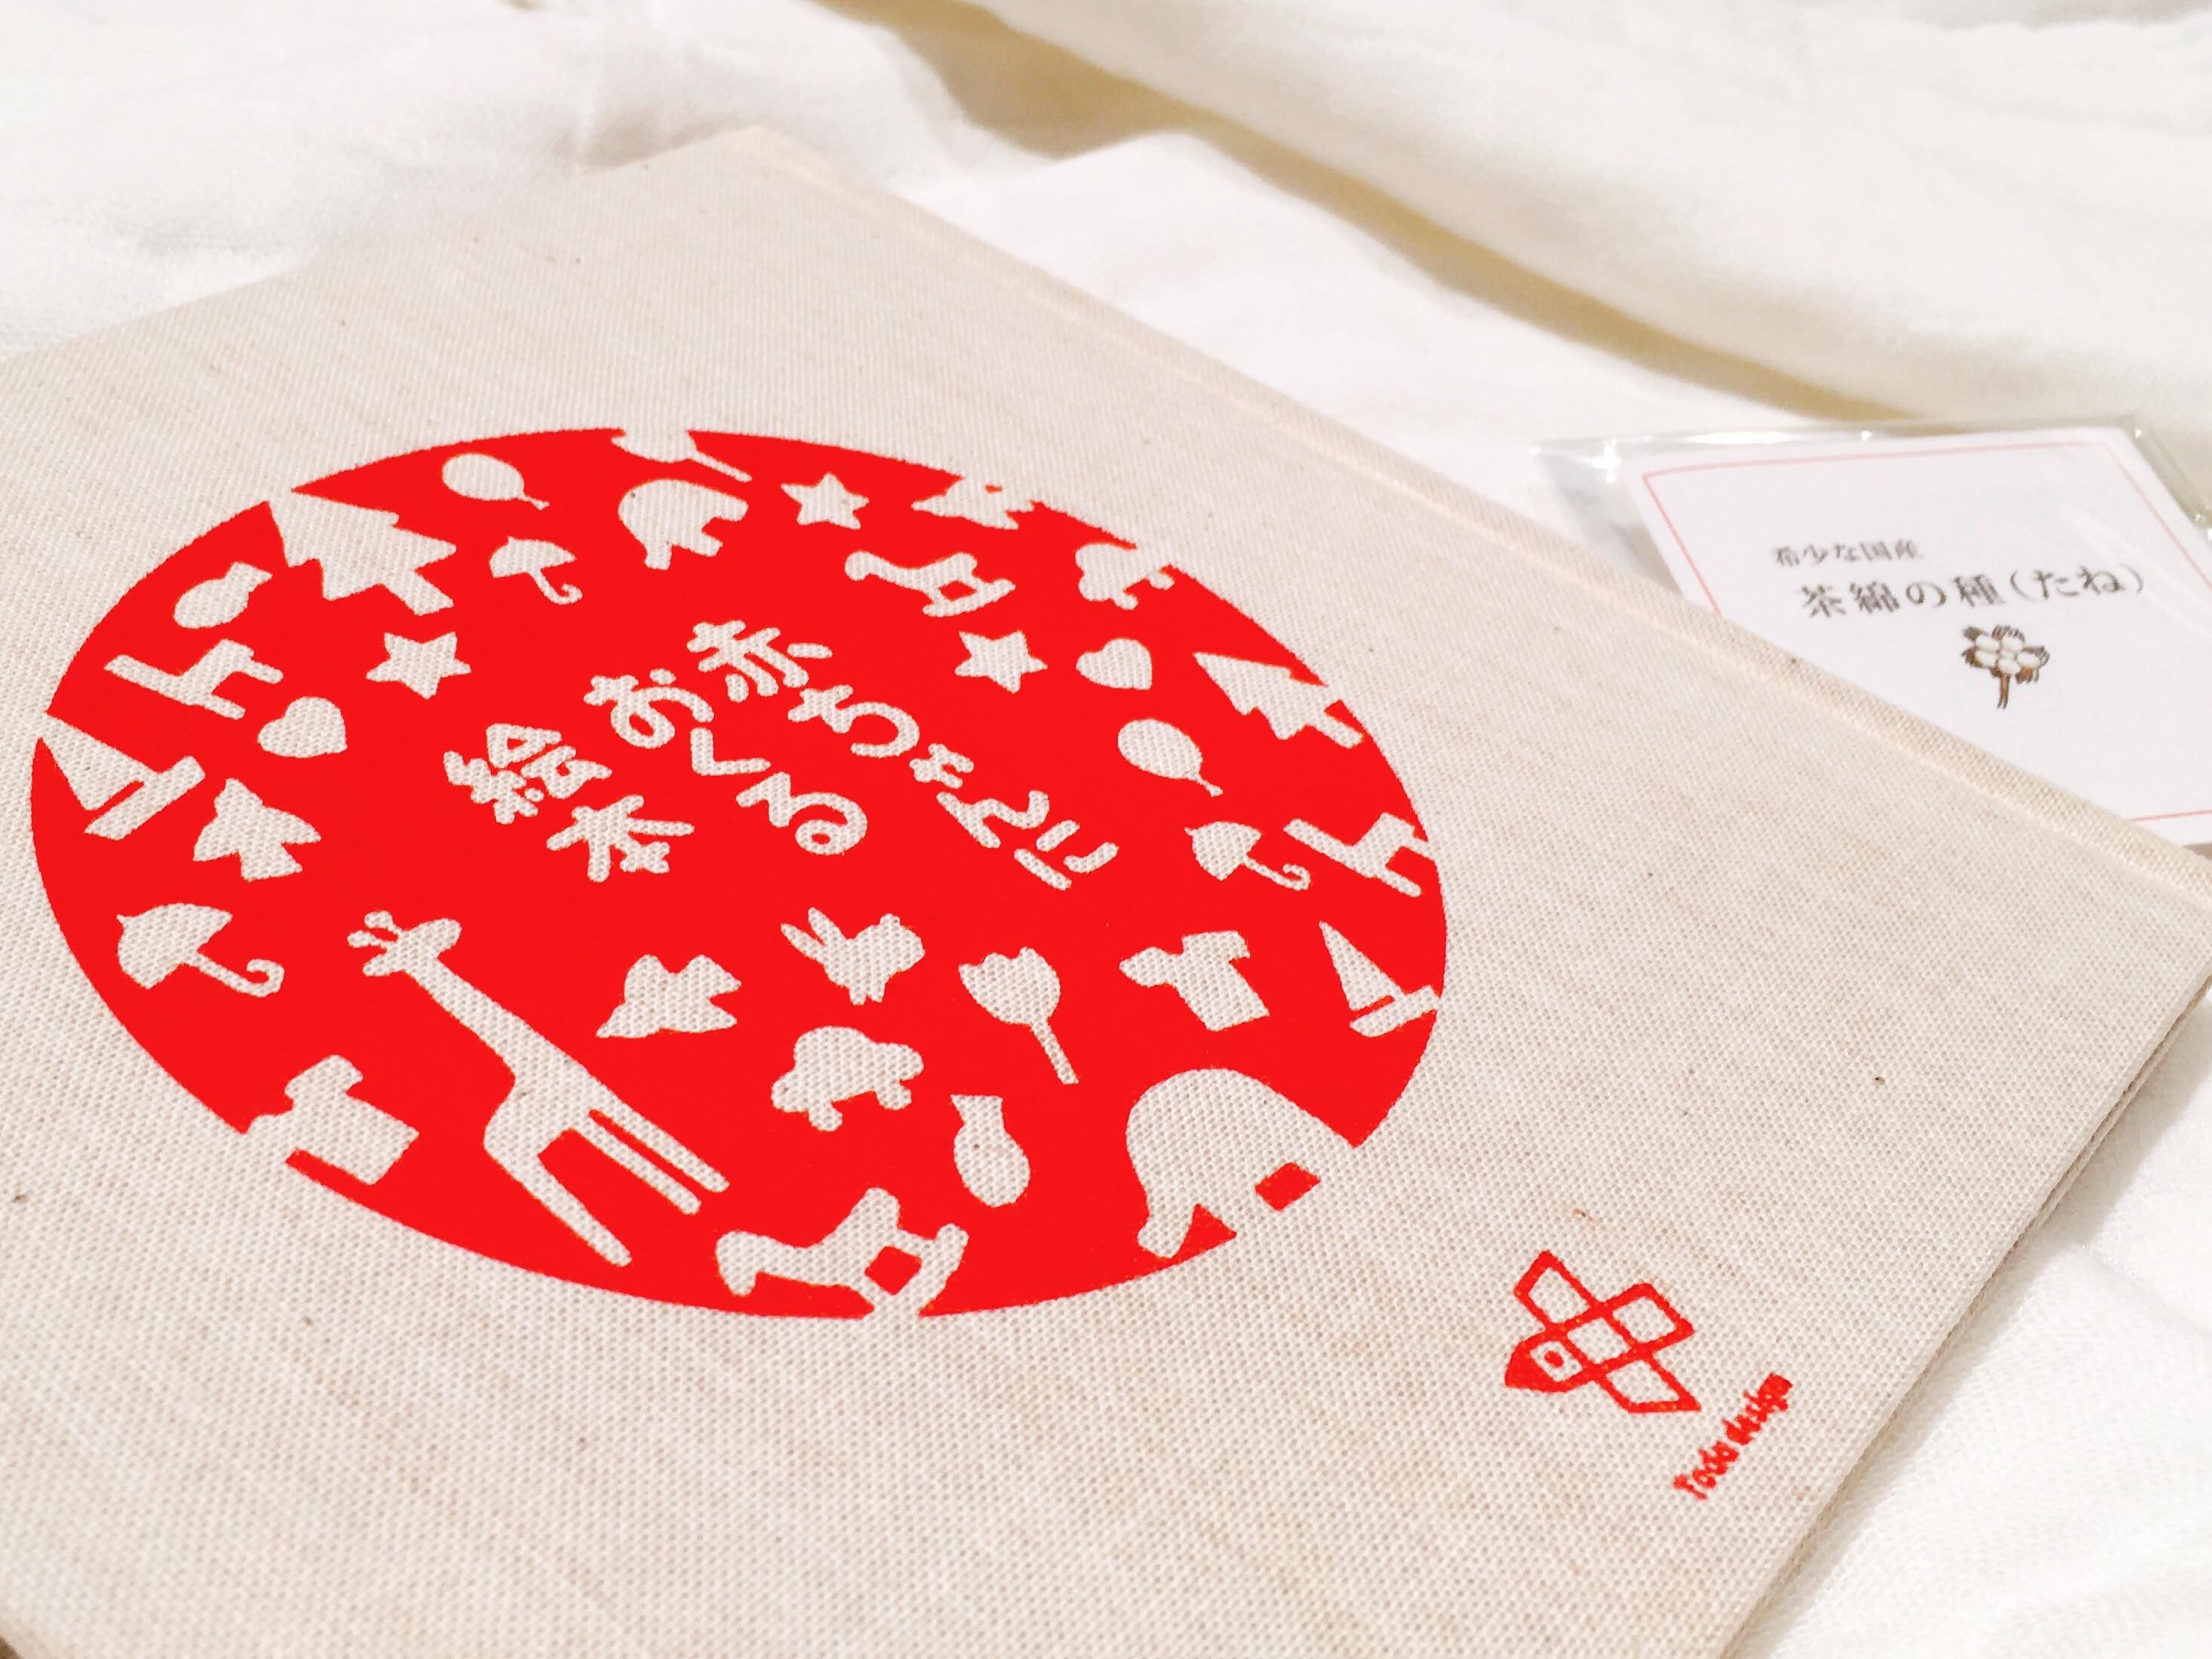 【シエスタハコダテ】赤ちゃんにおくる絵本